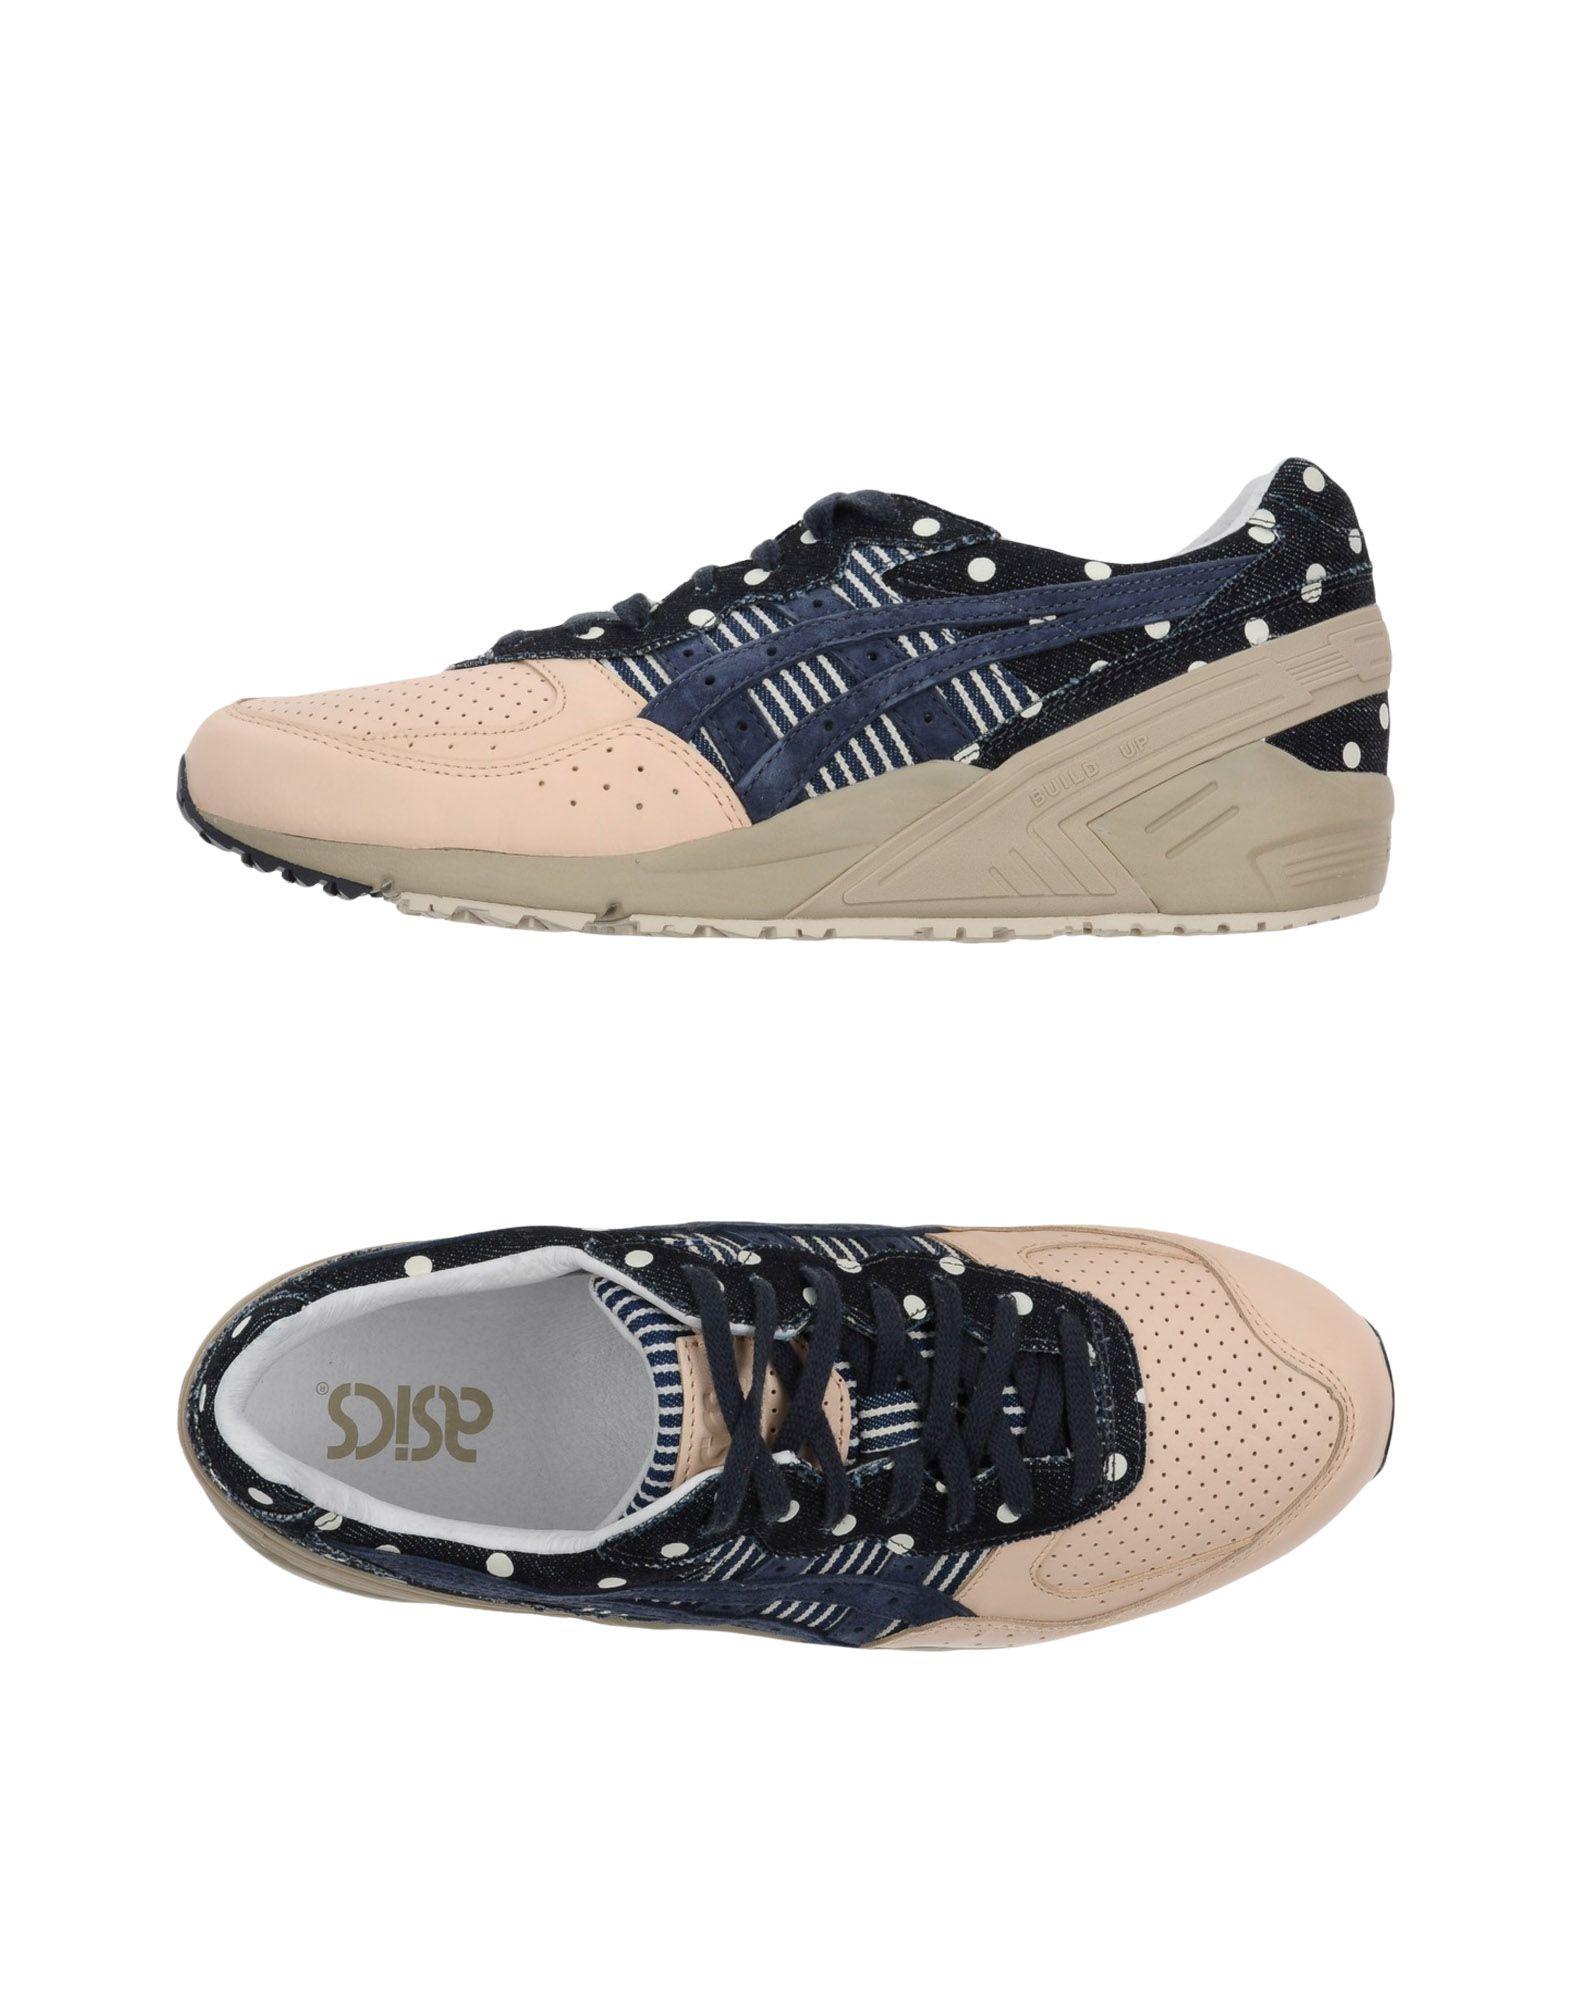 Rabatt echte Sneakers Schuhe Asics Sneakers echte Herren  11360644MR 9555aa